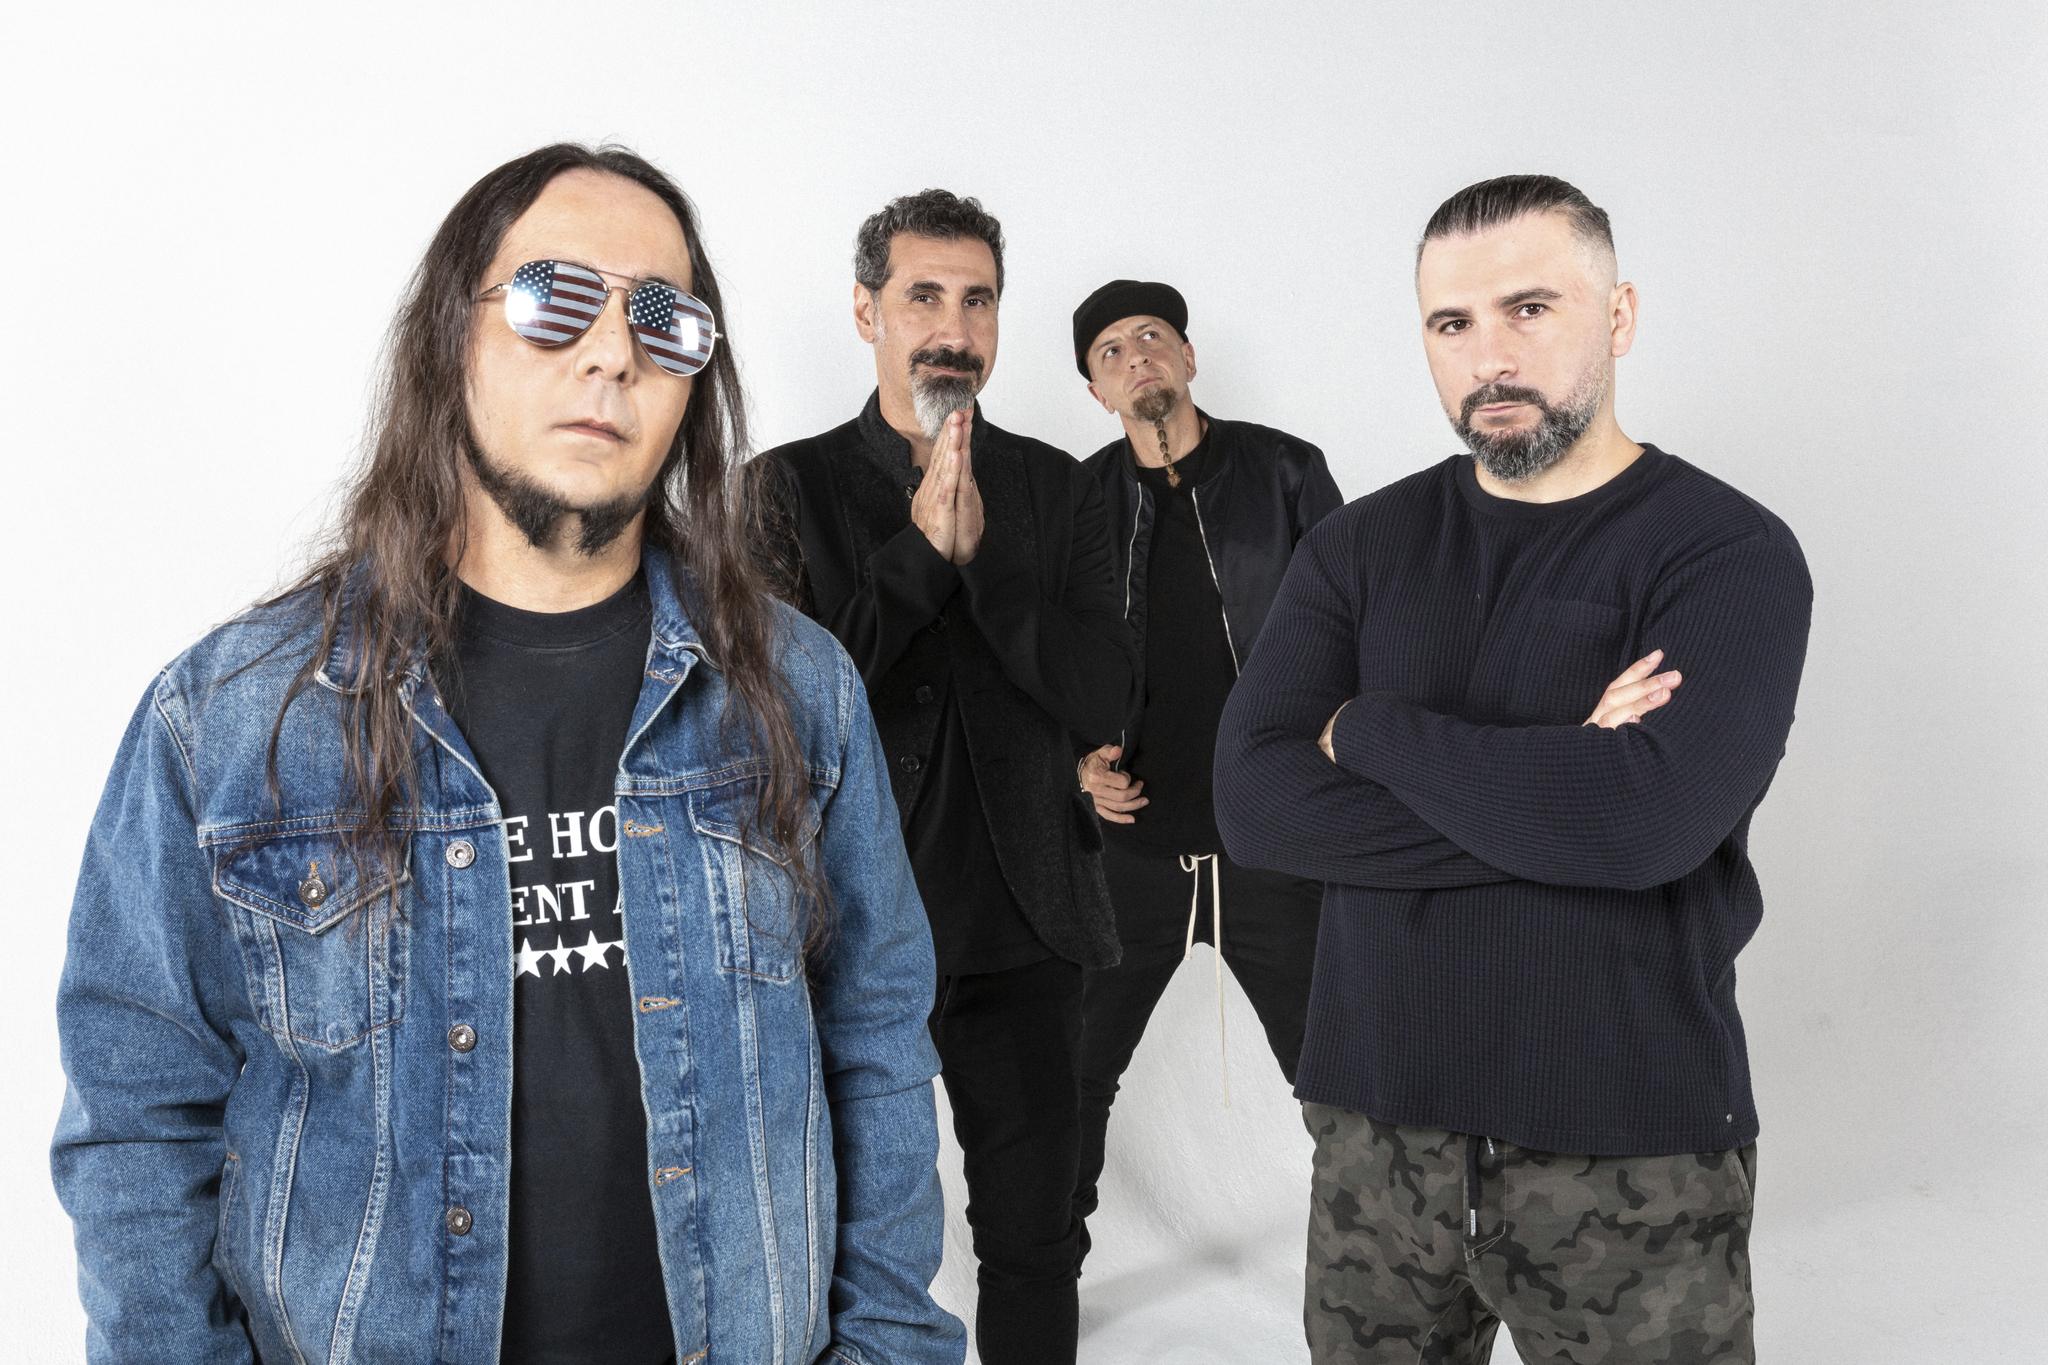 System Of A Down veröffentlichen zwei neue Songs